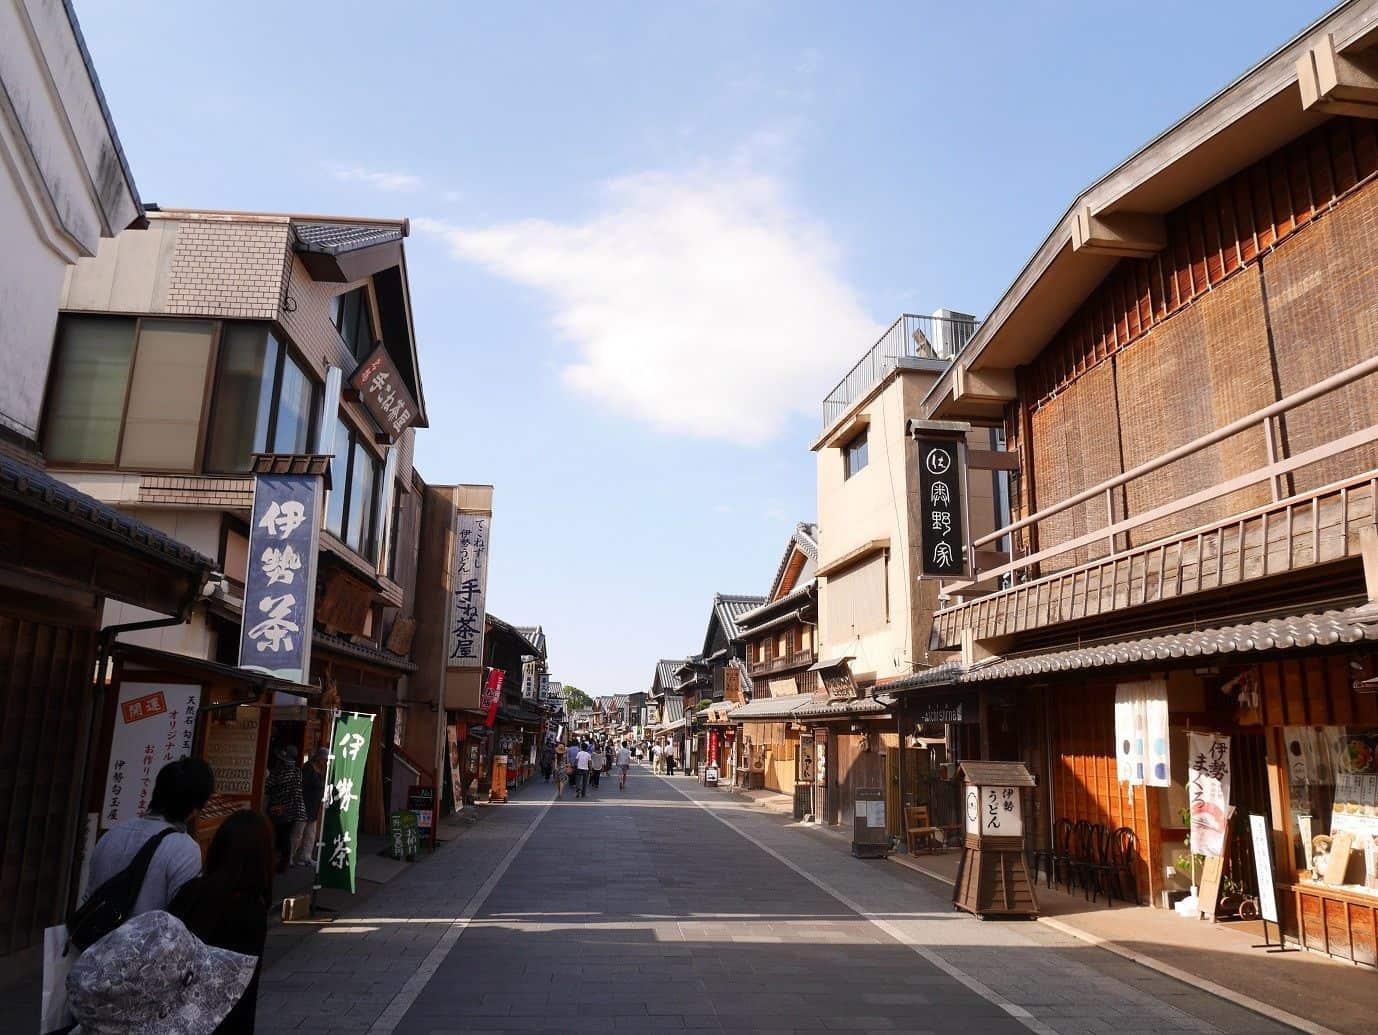 ตลาดโอคาเกะ (Okage Yokocho) บนถนนโอฮาไรมาจิ (Oharai-Machi) จังหวัดมิเอะ (Mie)